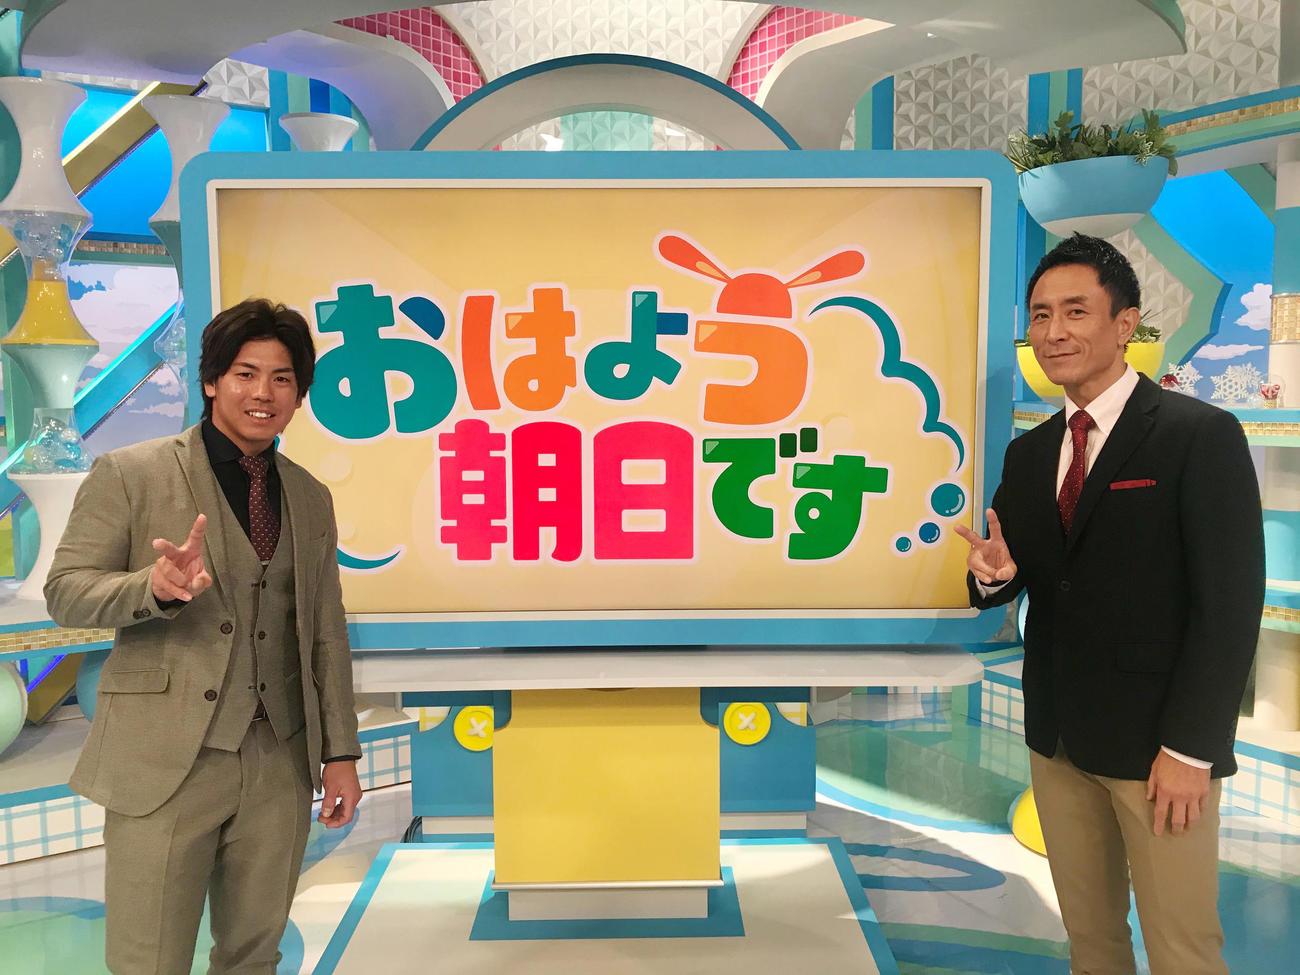 「おはよう朝日です」に出演した梅野隆太郎、右は岩本計介アナウンサー(球団提供)